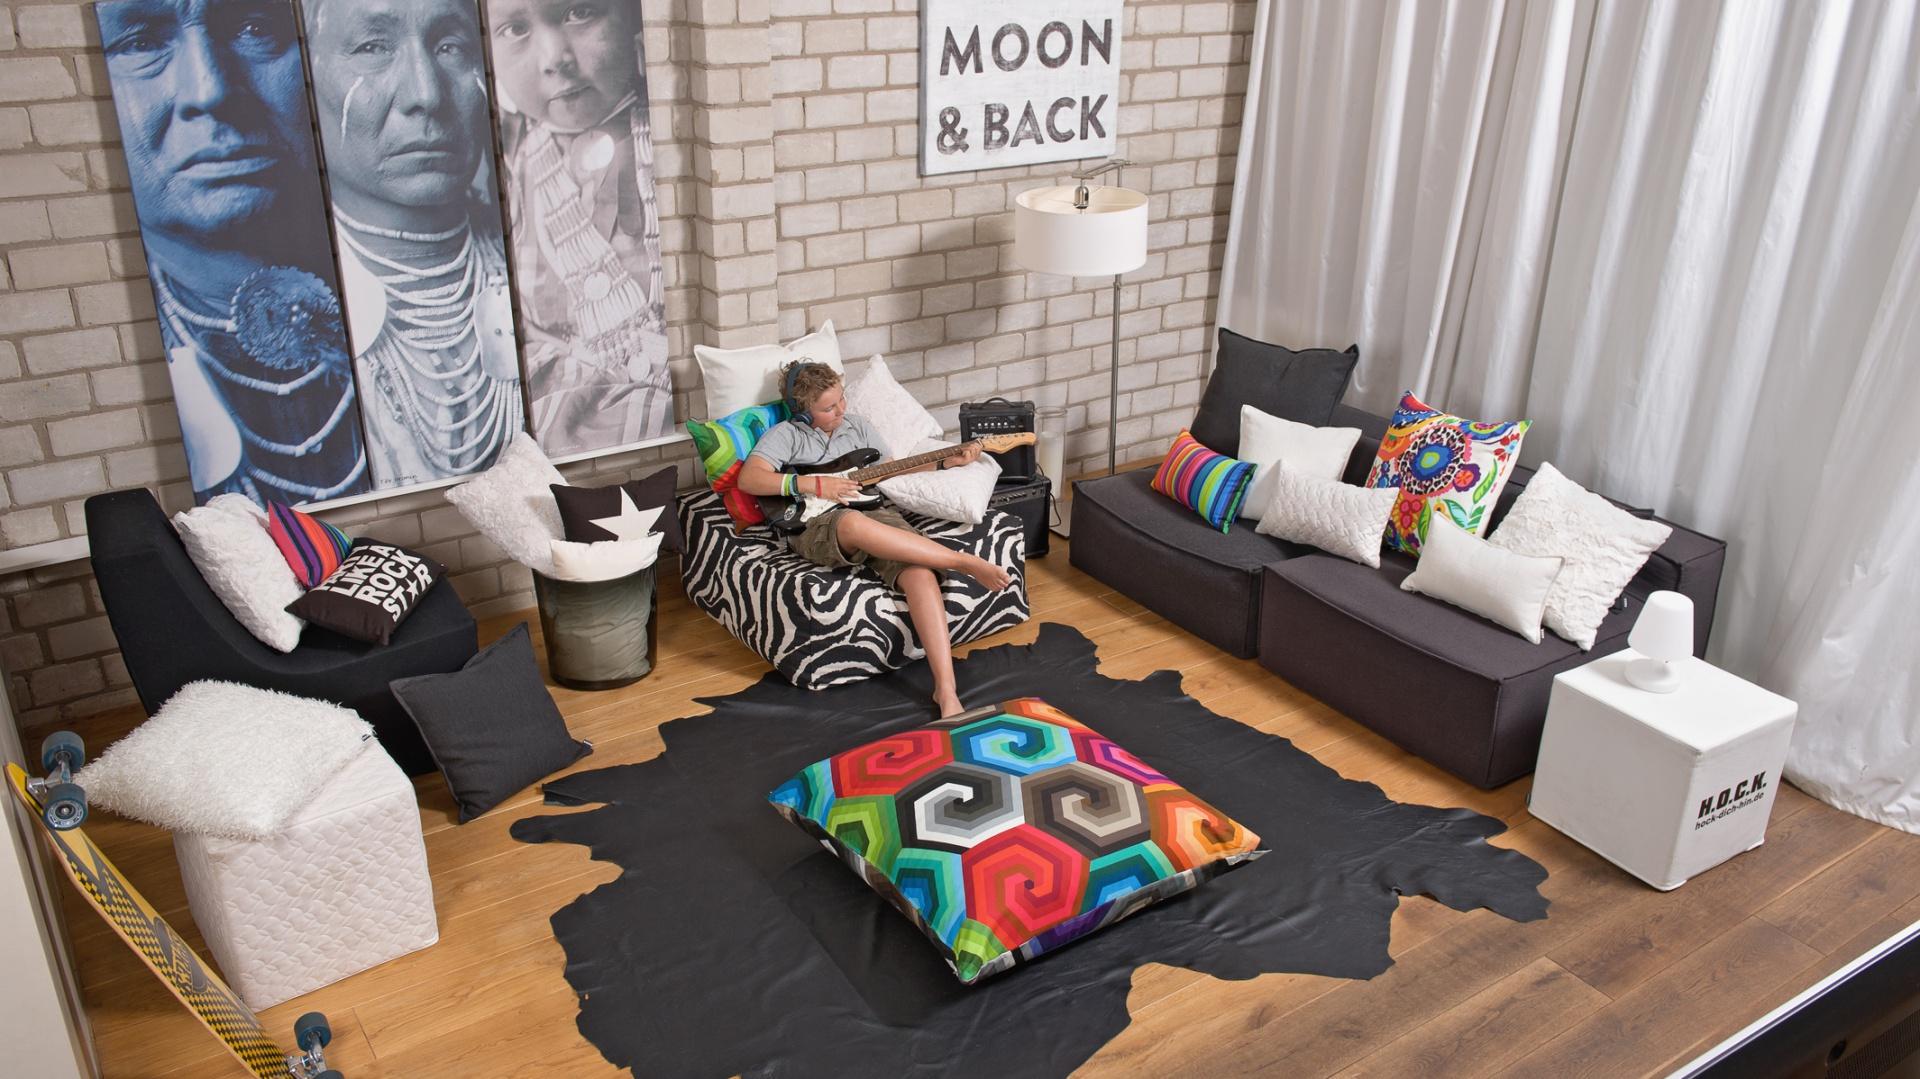 Kolorowe poduszki są nie tylko ozdobą sofy czy fotela. Duża poducha położona na środku salonu urozmaici aranżację i nada jej awangardowy charakter. Fot. H.O.C.K.